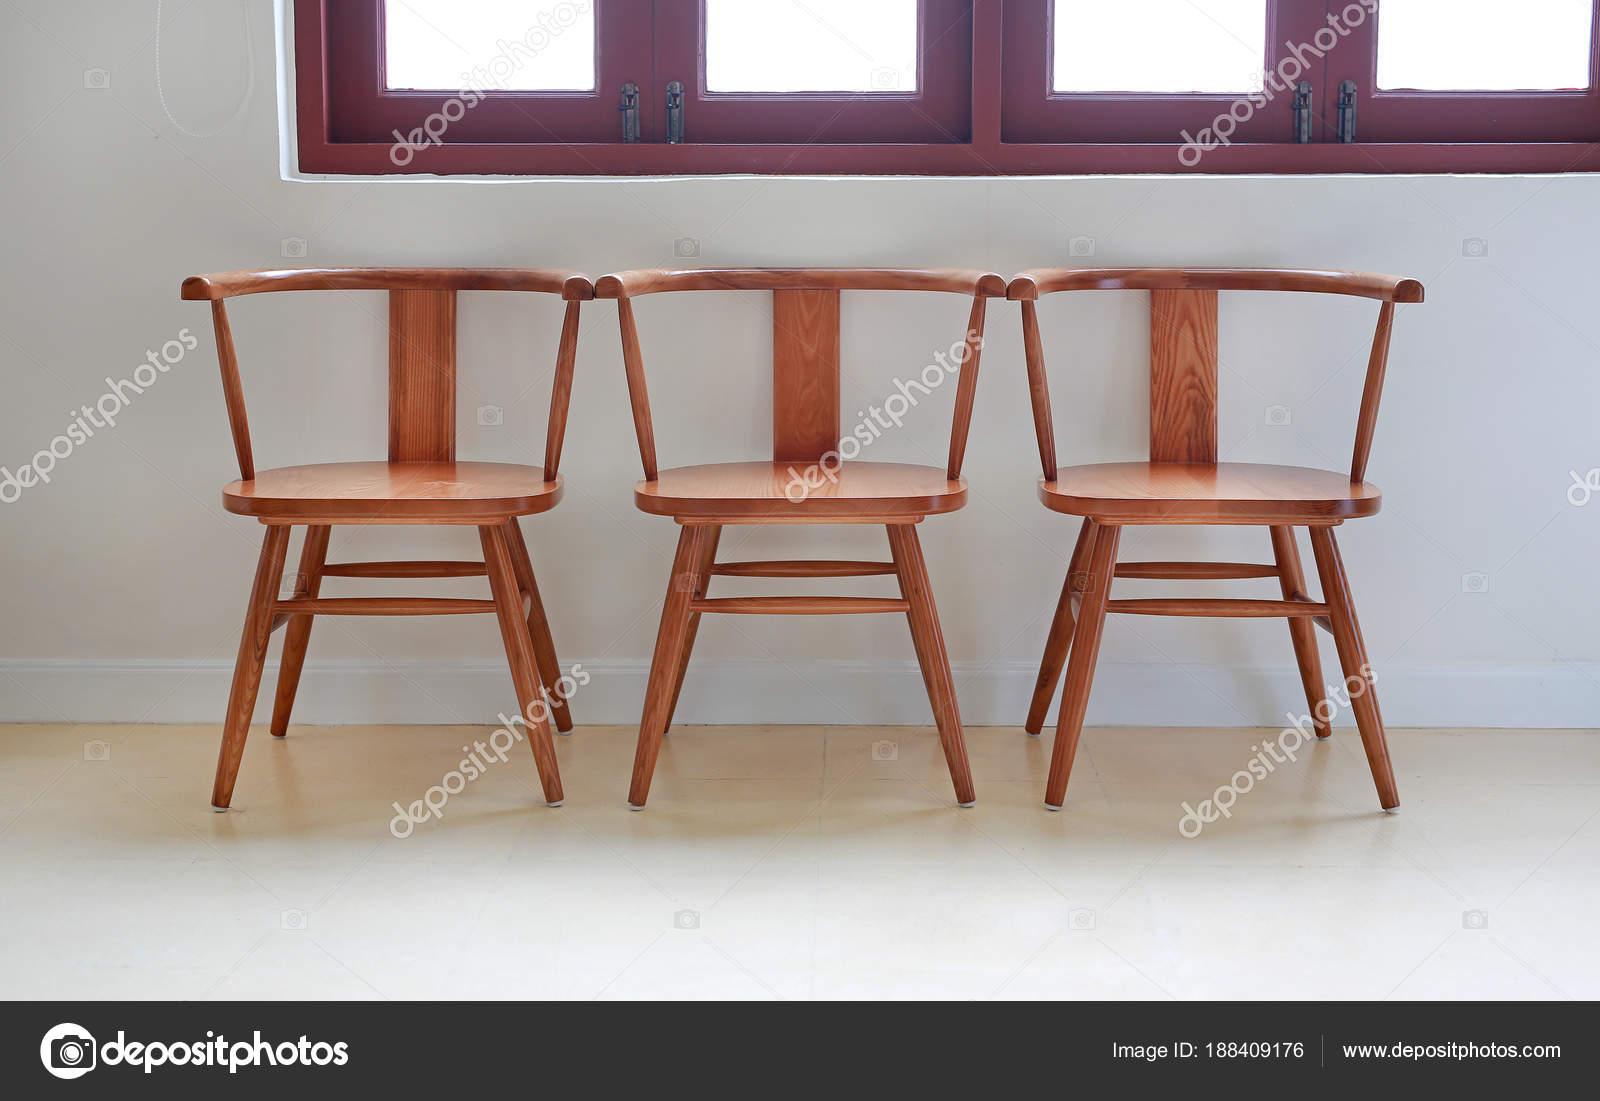 Fila sedie legno u2014 foto stock © civic dm@hotmail.com #188409176